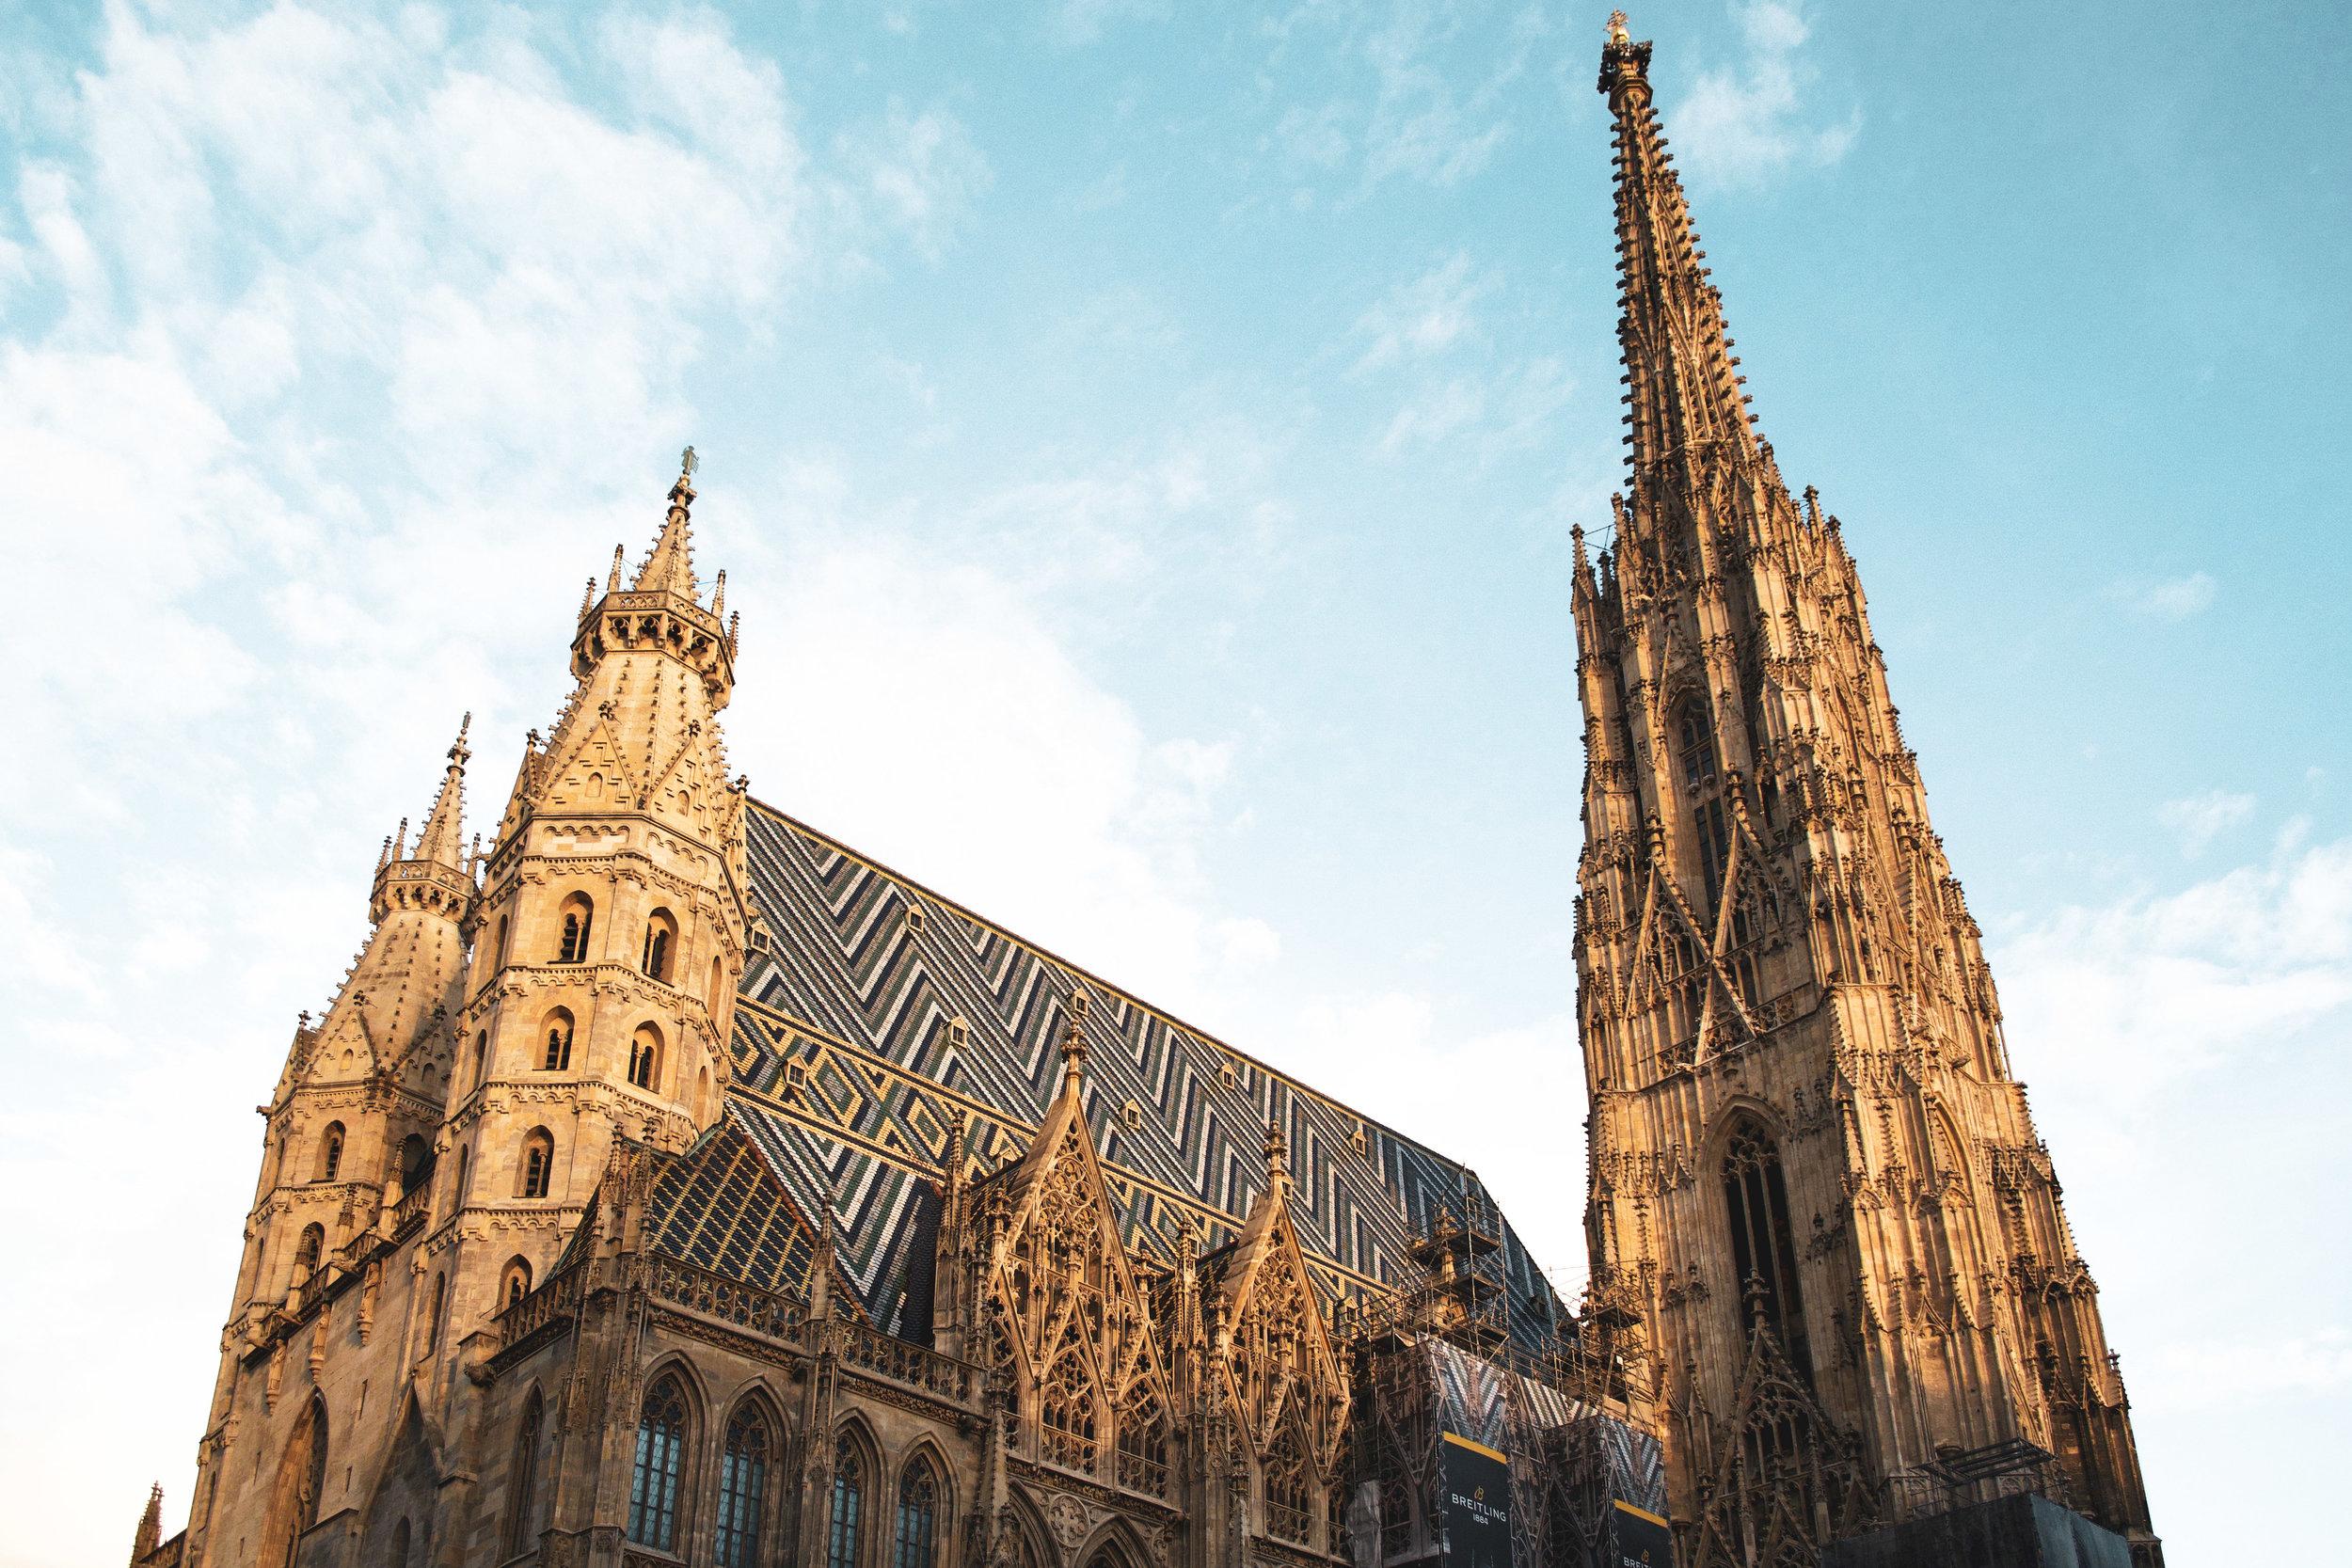 StStephans_ViennaAustria.jpg